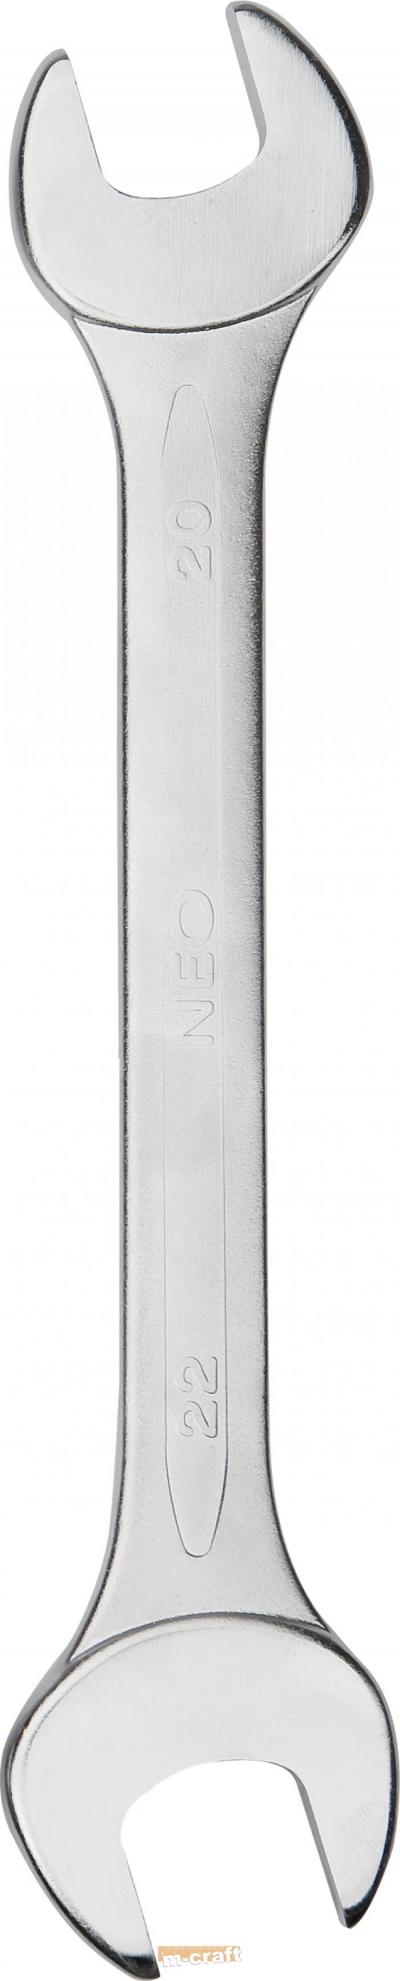 Ключ гаечный 19*22/двусторонний с открытым зевом никелевое покрытие, арт.: 23669